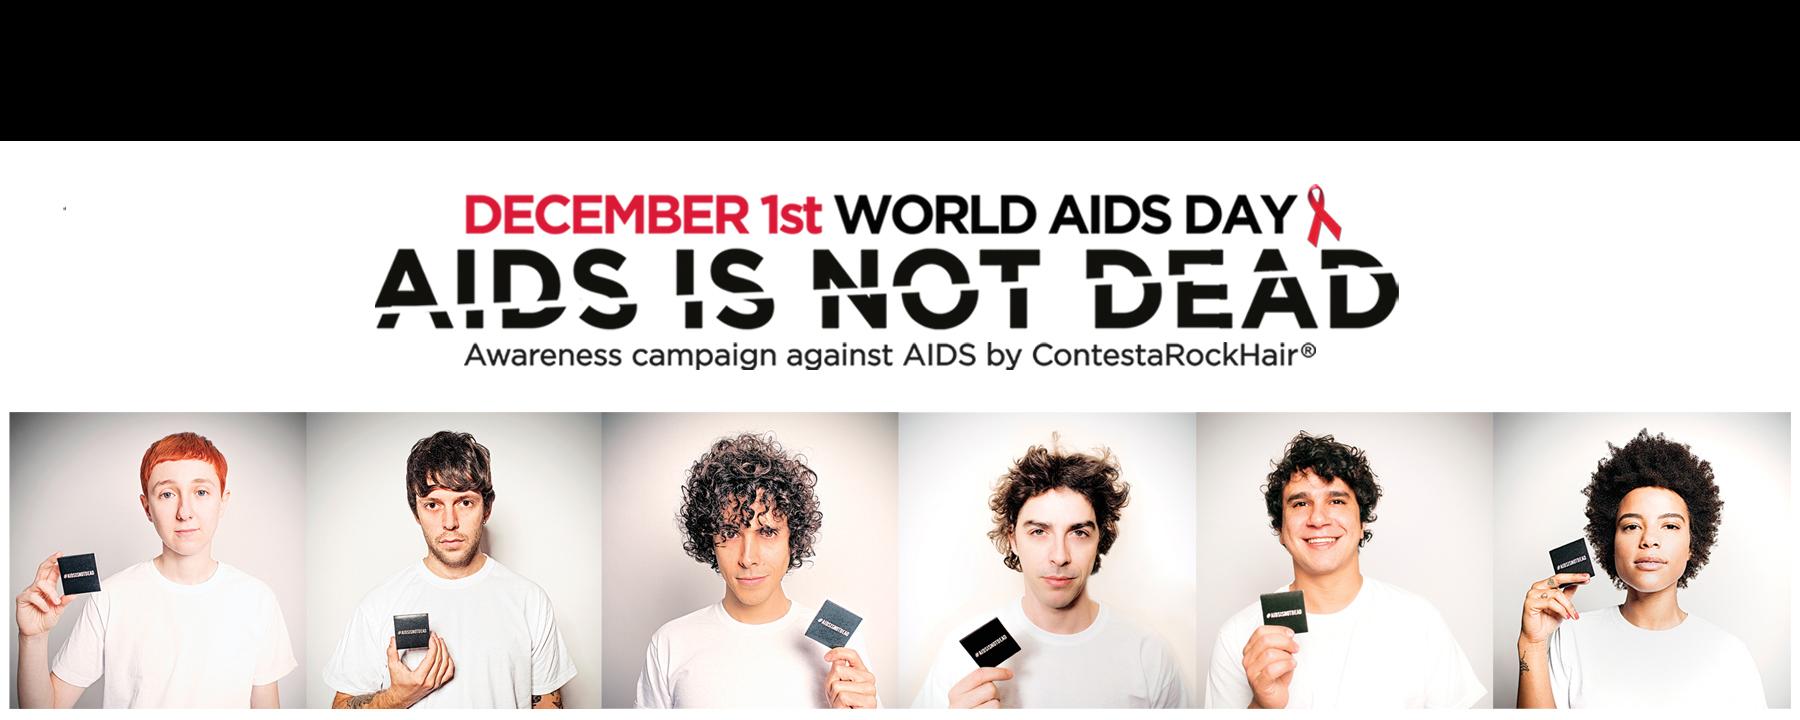 Aids in not dead